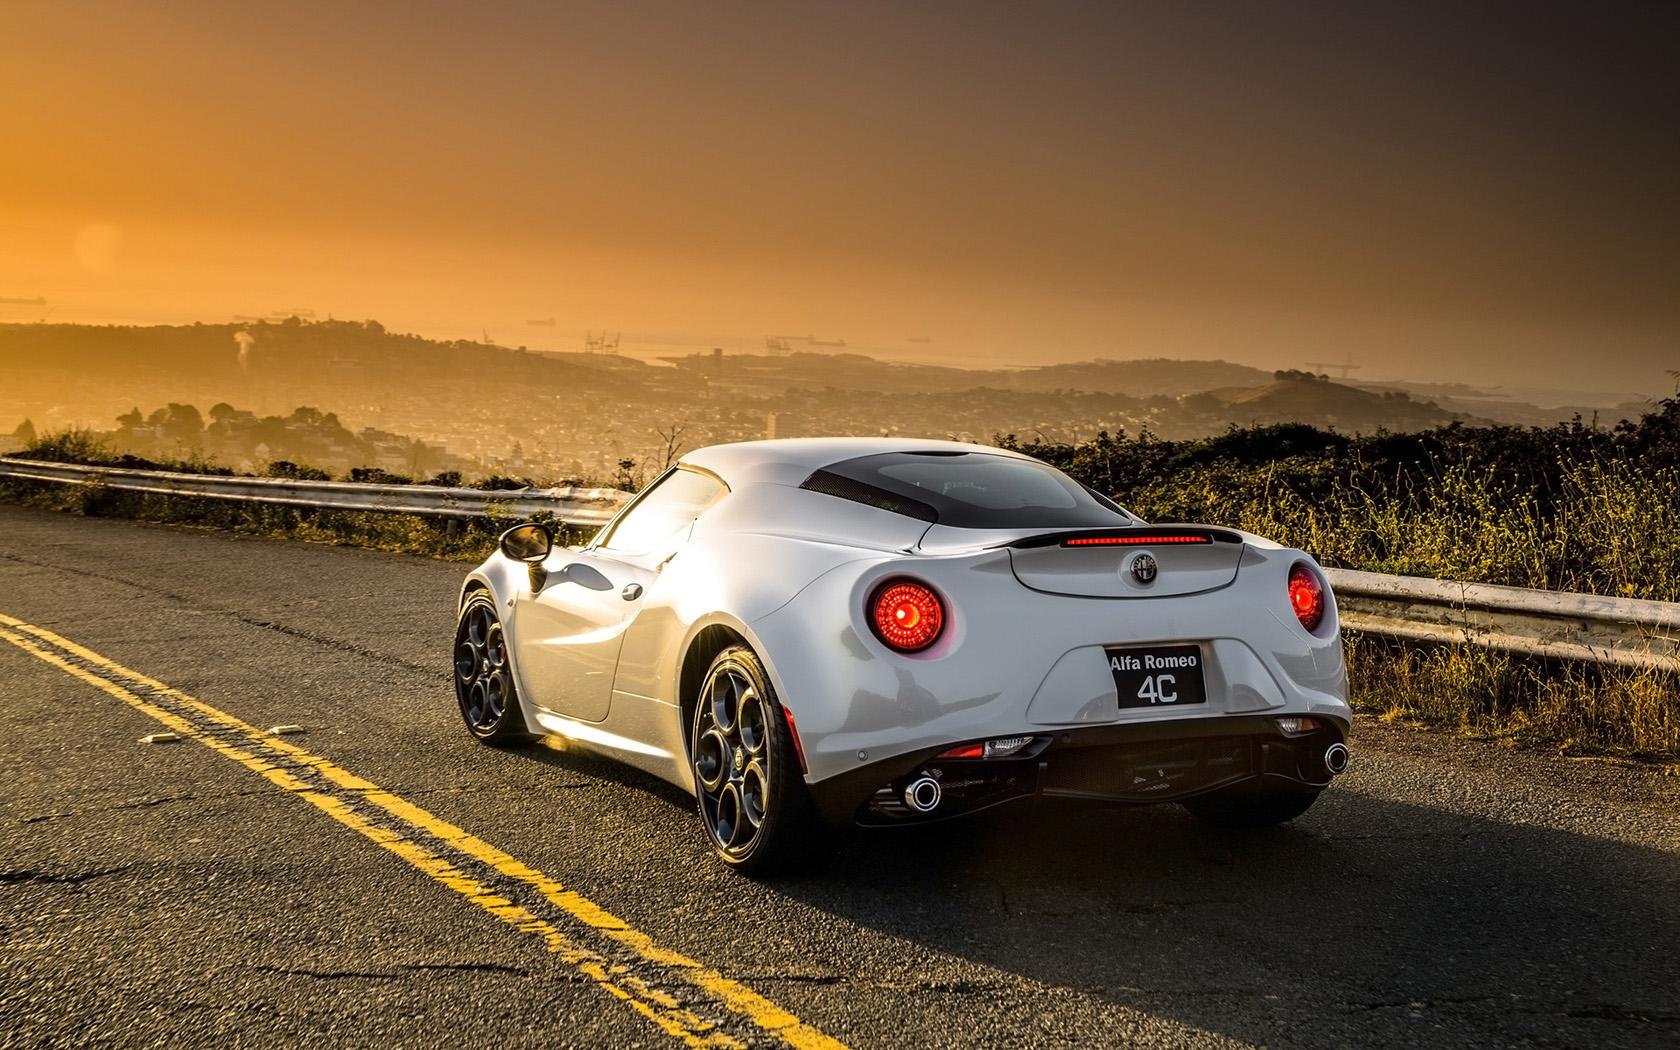 Alfa Romeo 4C, doar 4 secunde până la 100km/h